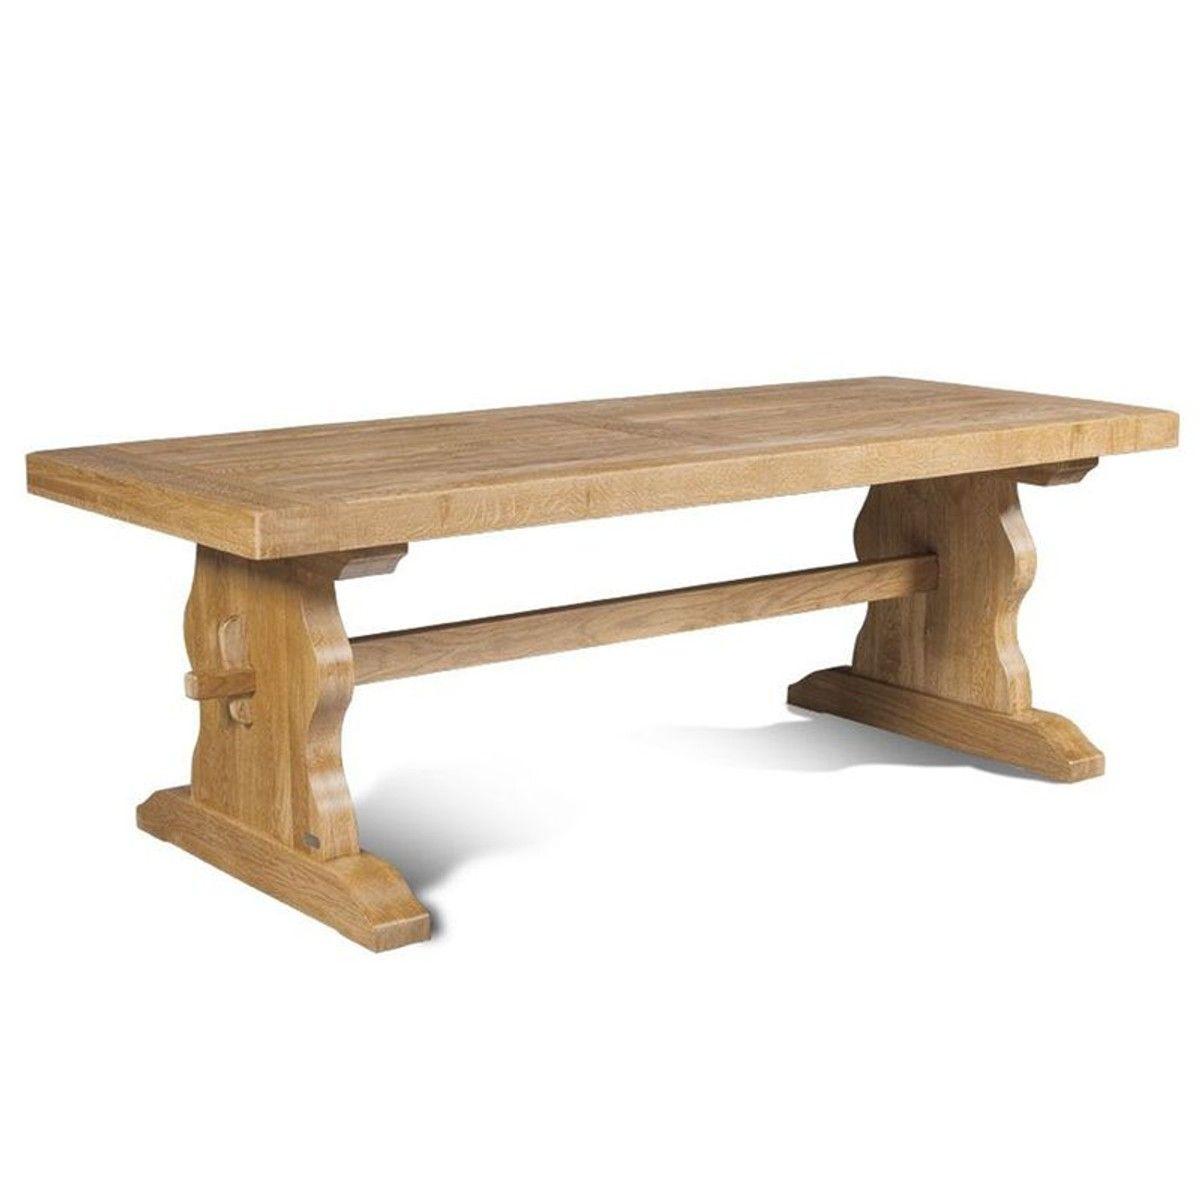 Ensemble Table Monastere La Bresse 6 Chaises En Bois Taille Tu Furniture Dining Bench Home Decor